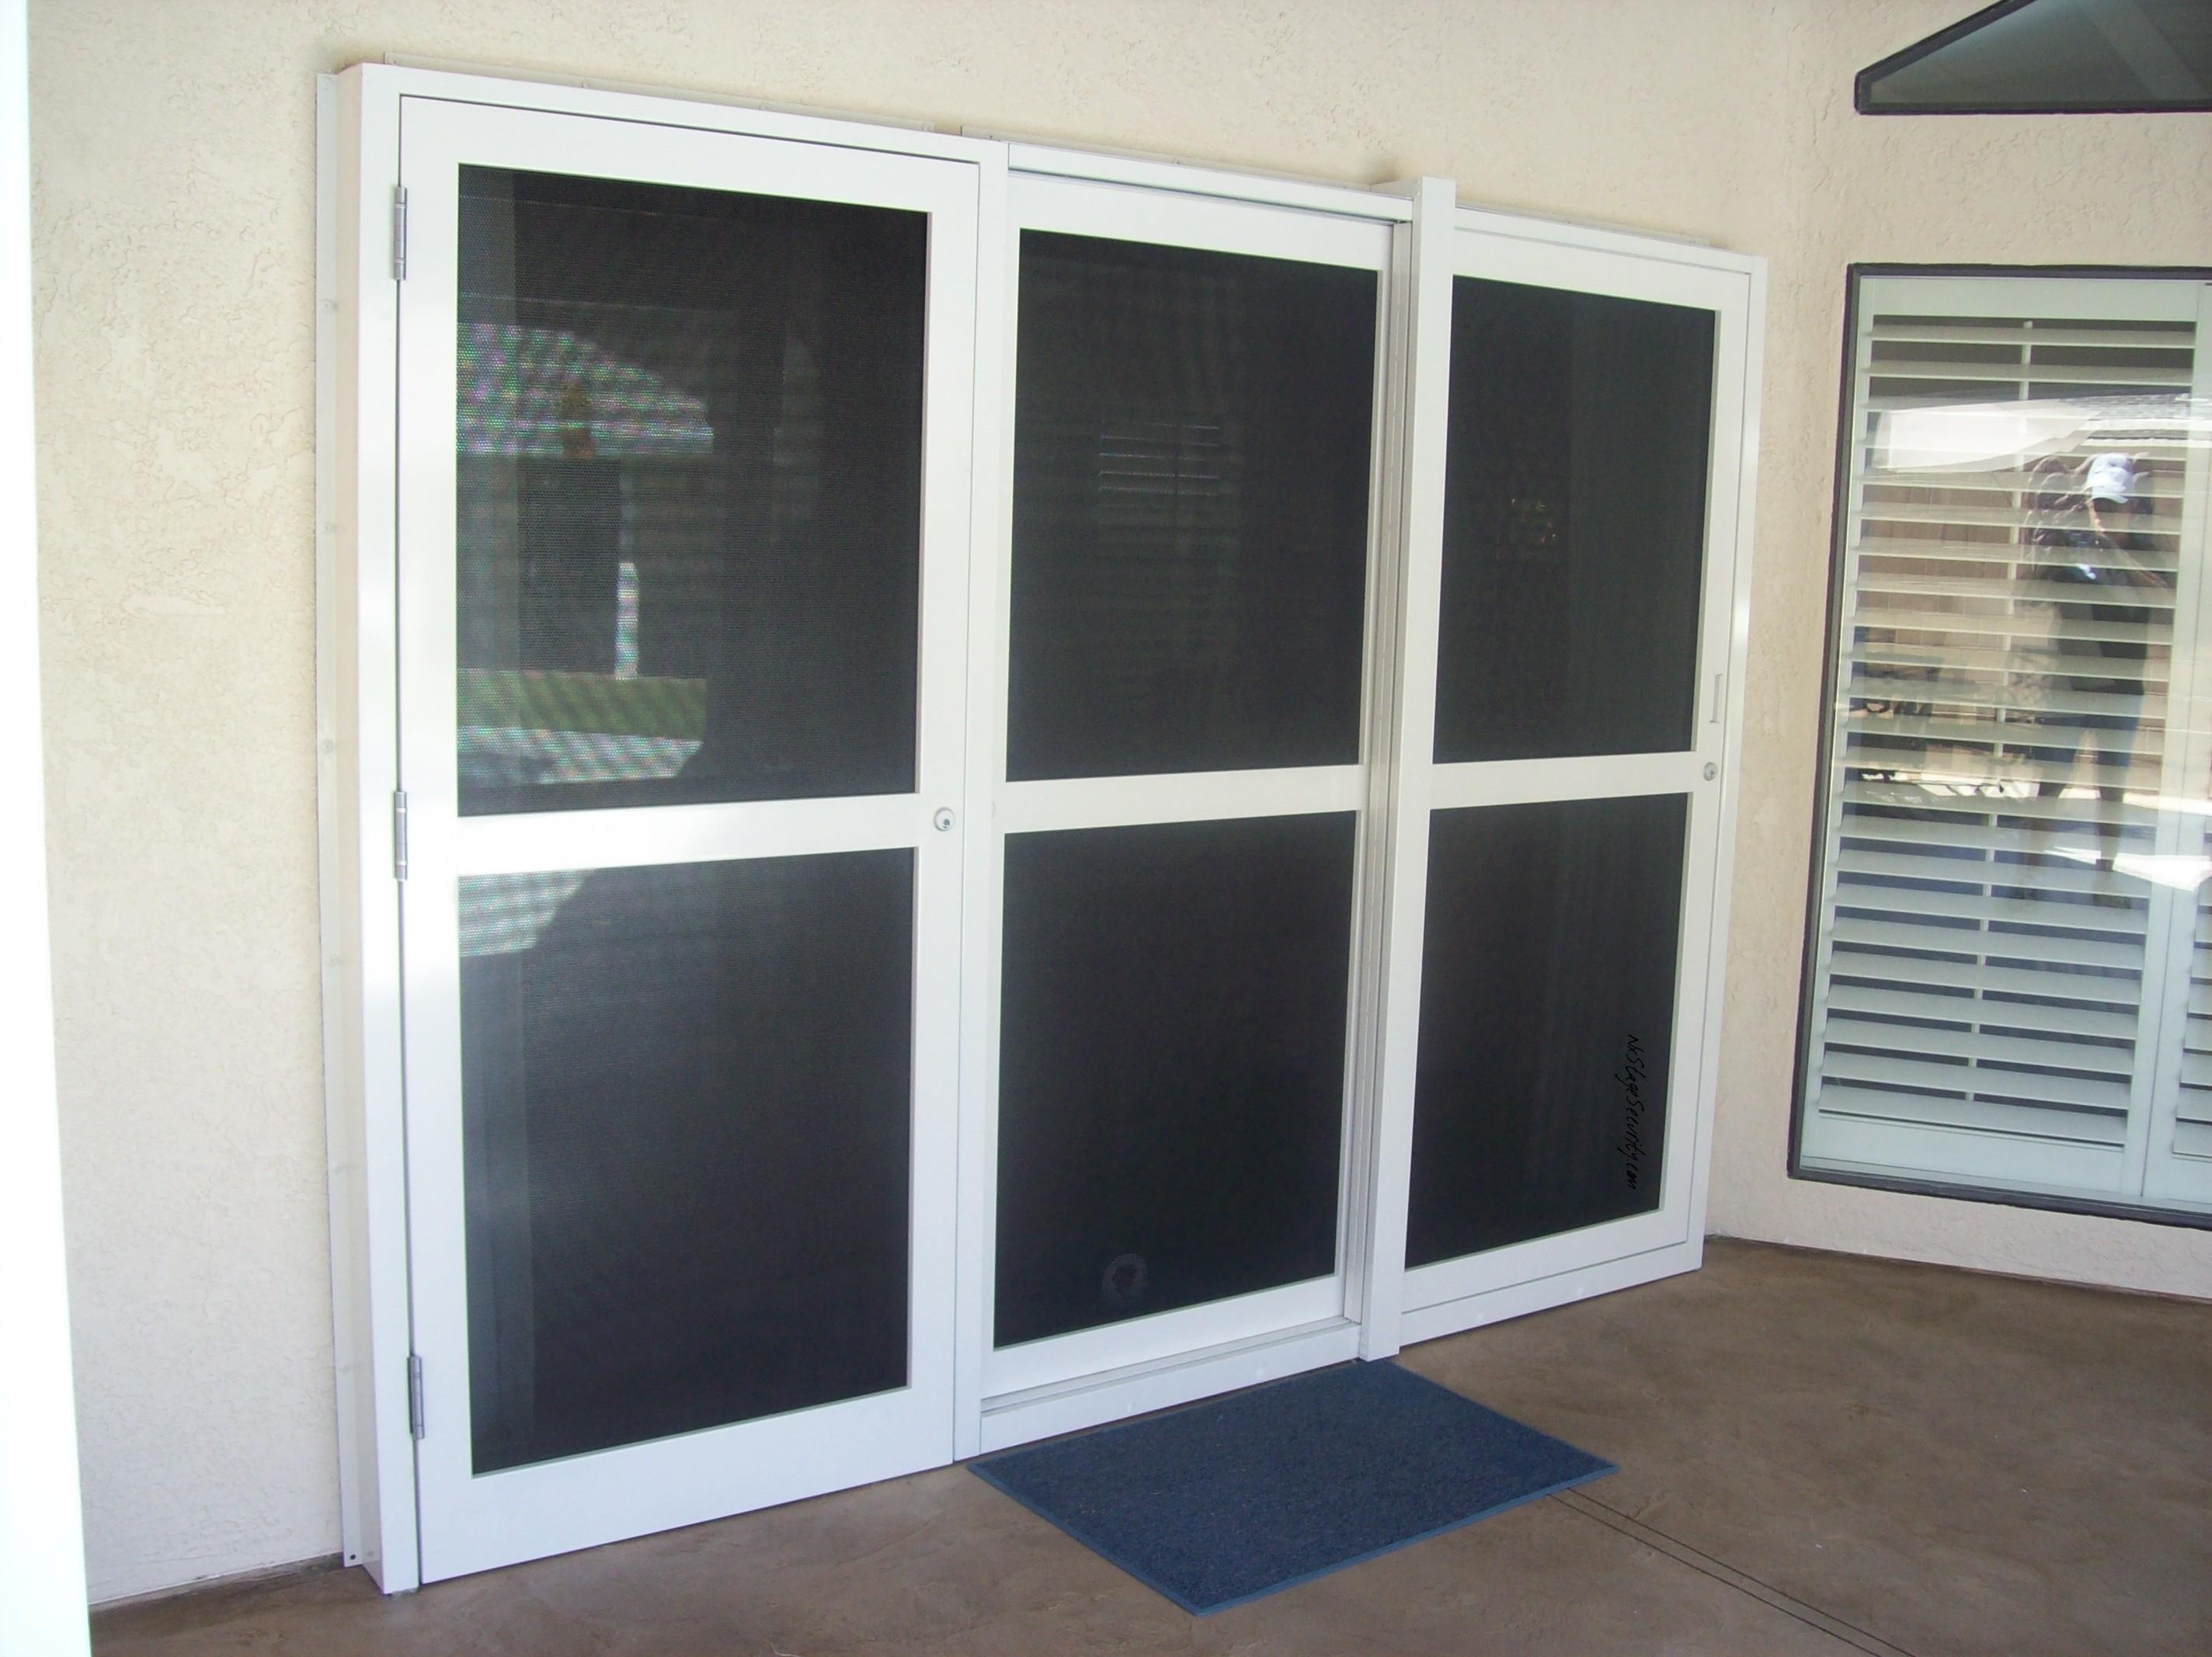 Security Door For Sliding Glass Doors2848 X 2134